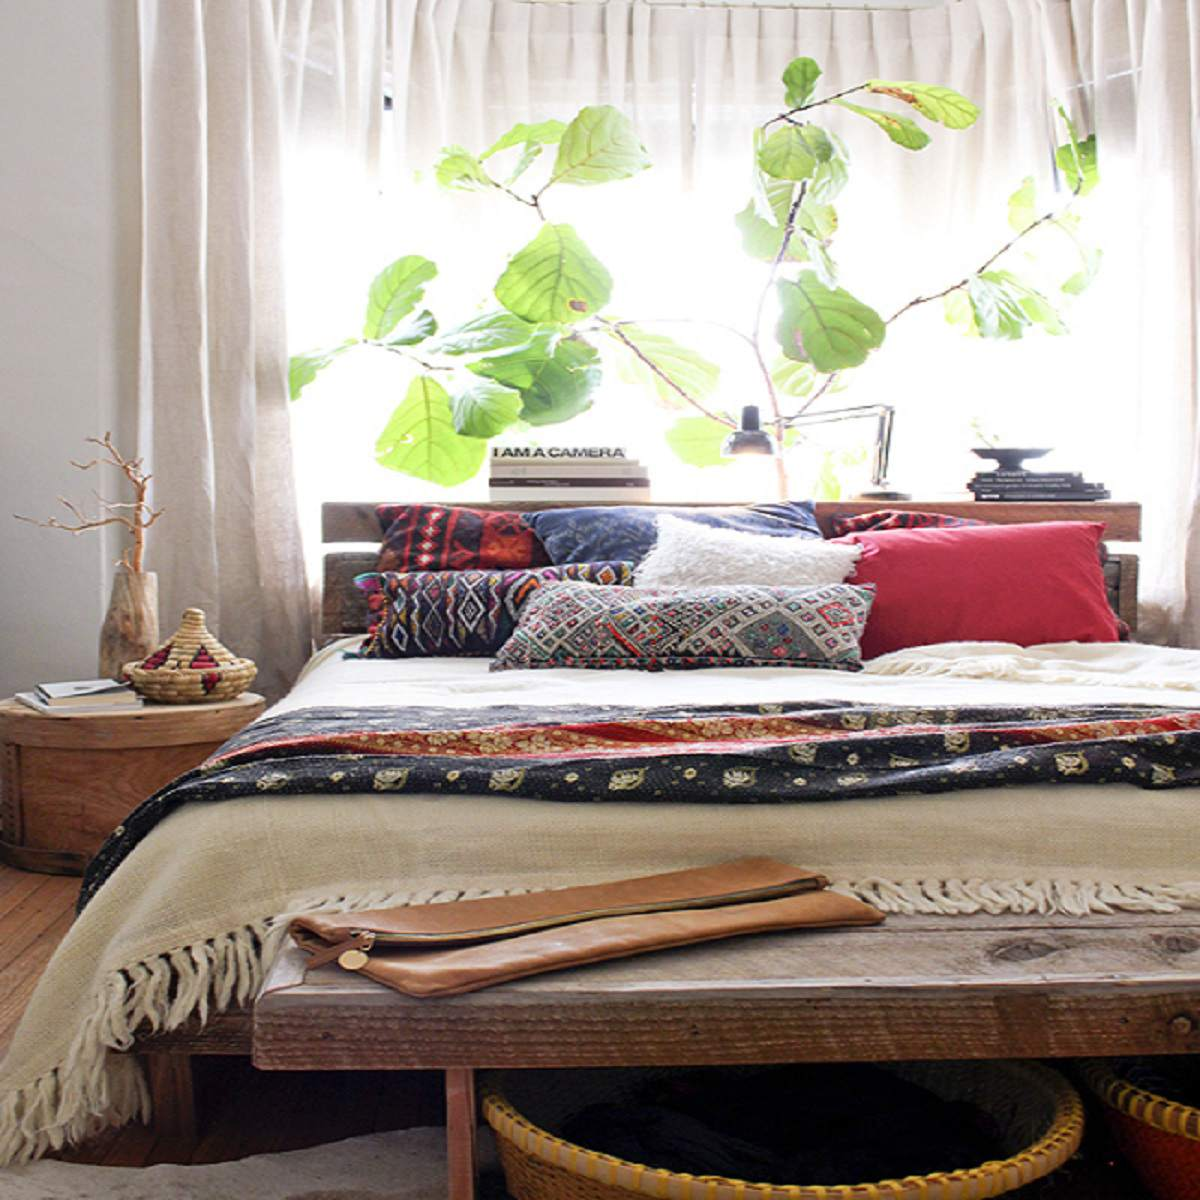 Dormitorio con plantas de interior